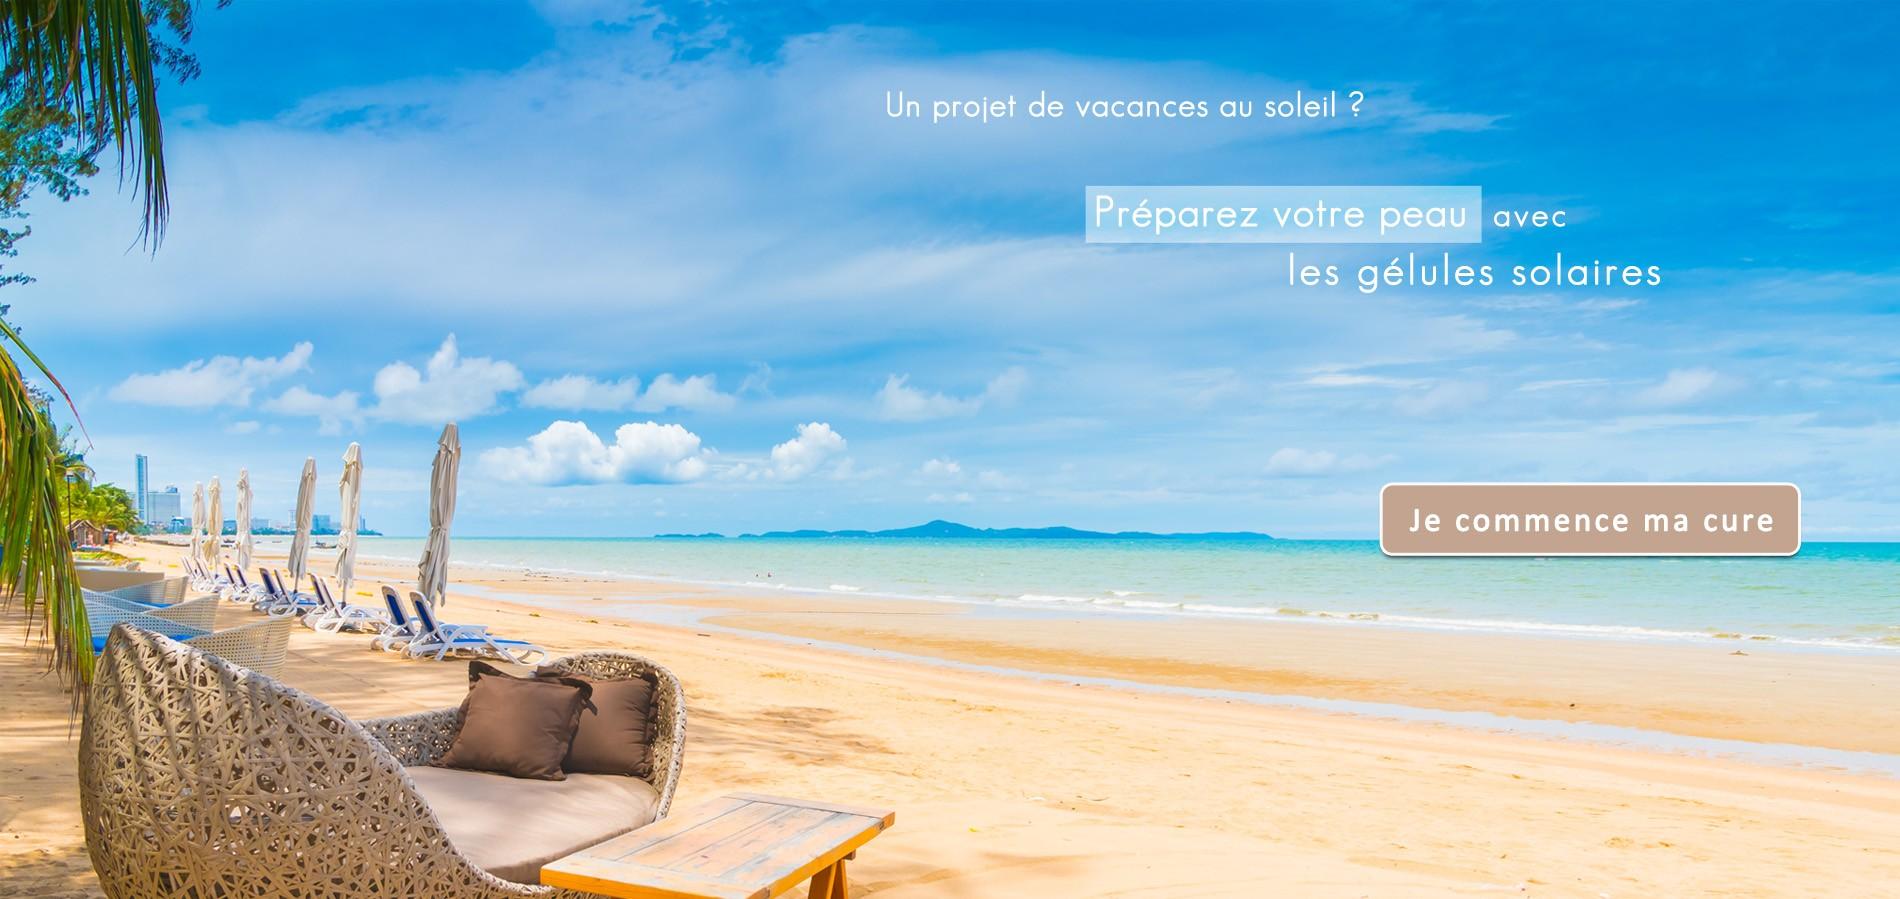 préparation_au_soleil_active_le_bronzage